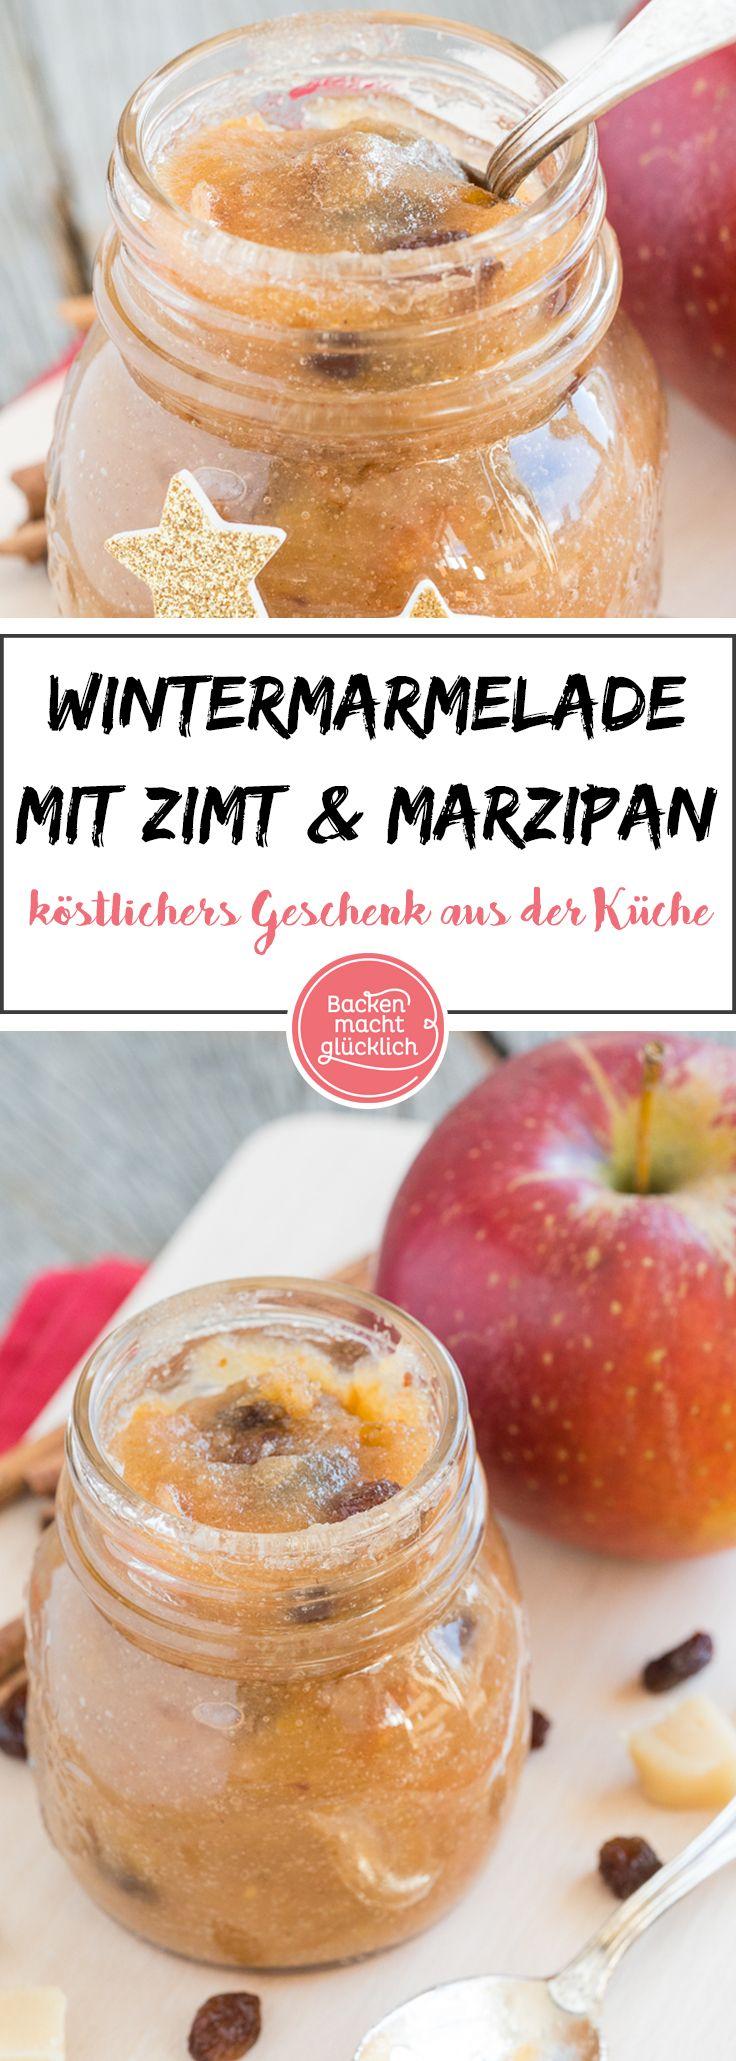 Bratapfelmarmelade ist ein köstliches Geschenk aus der Küche. Gebackene Äpfel, Zimt, Rosinen und Marzipan – für mich die perfekte Kombination aus Zutaten. Deswegen stecken sie auch alle in meinerwinterlichen Marmelade.